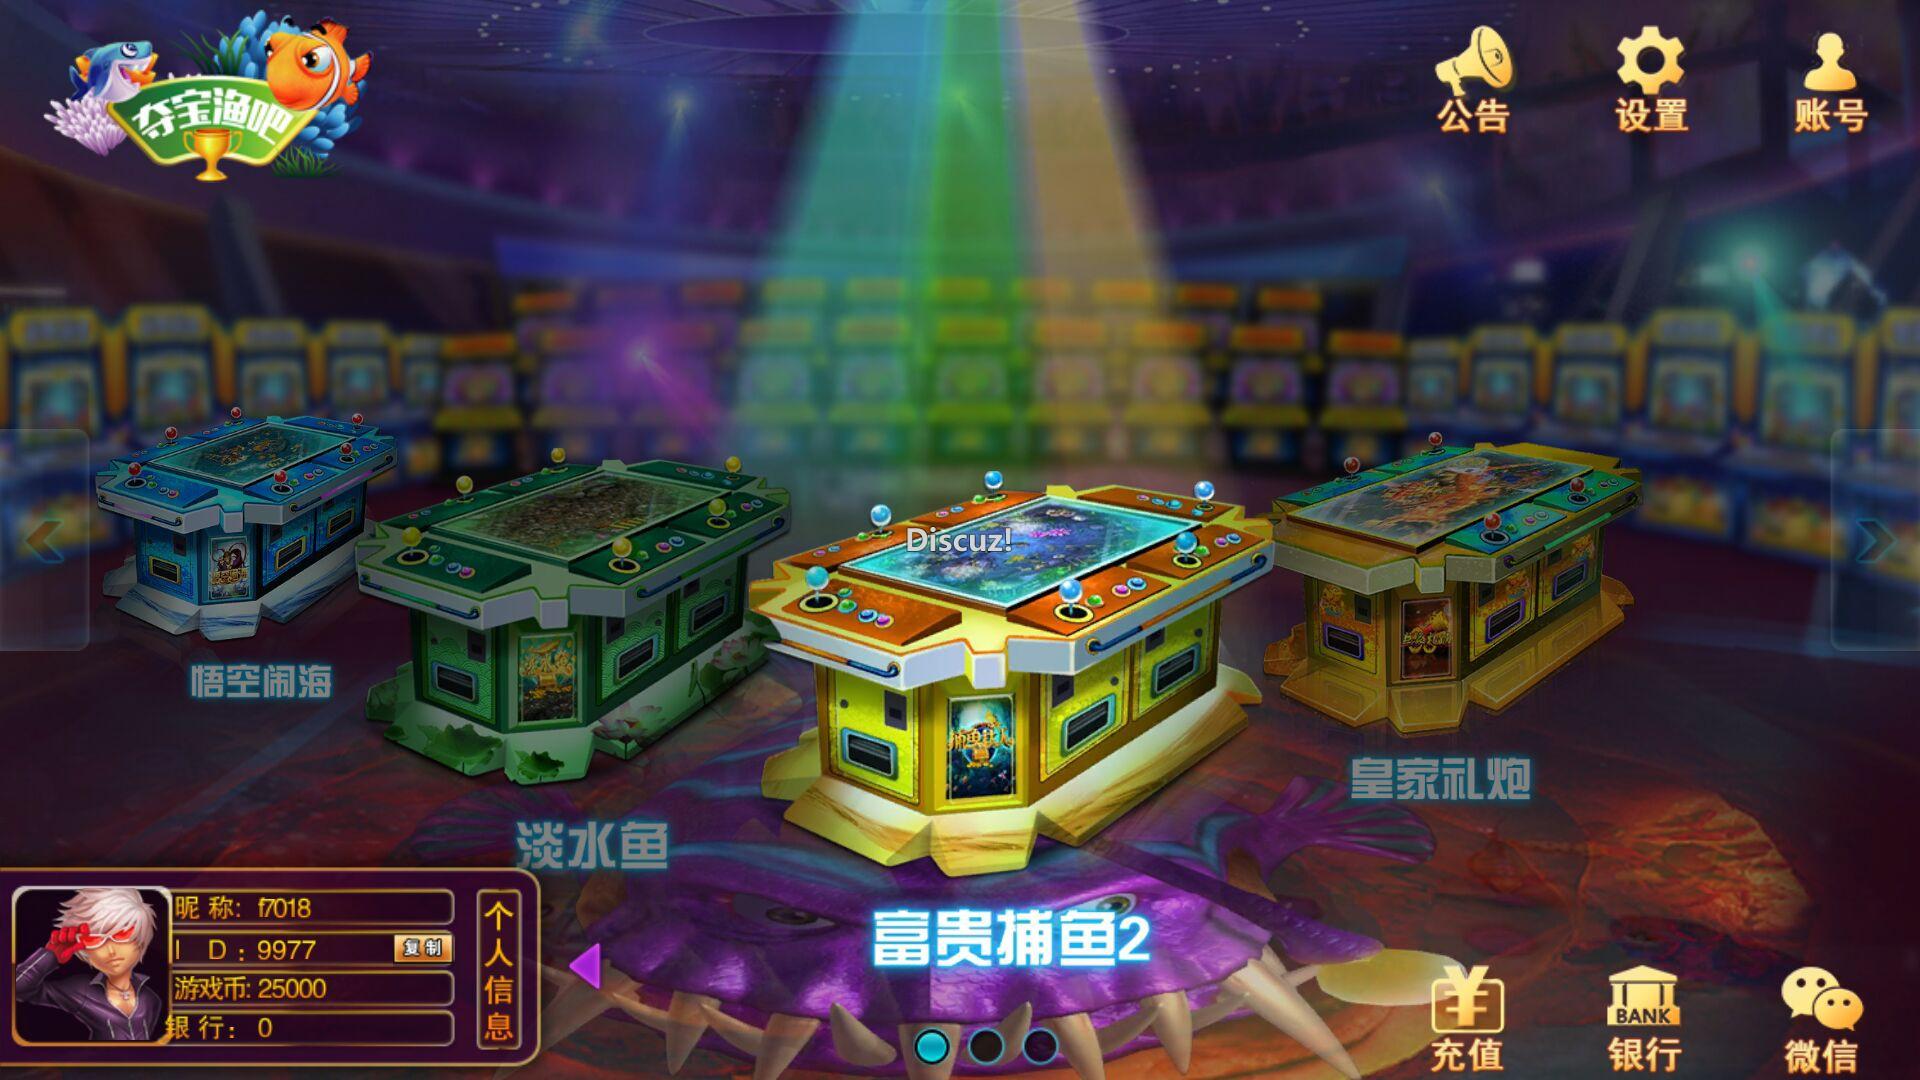 富贵电玩2最新版修复版 最新版修复版 富贵电玩2 金币电玩类 第2张